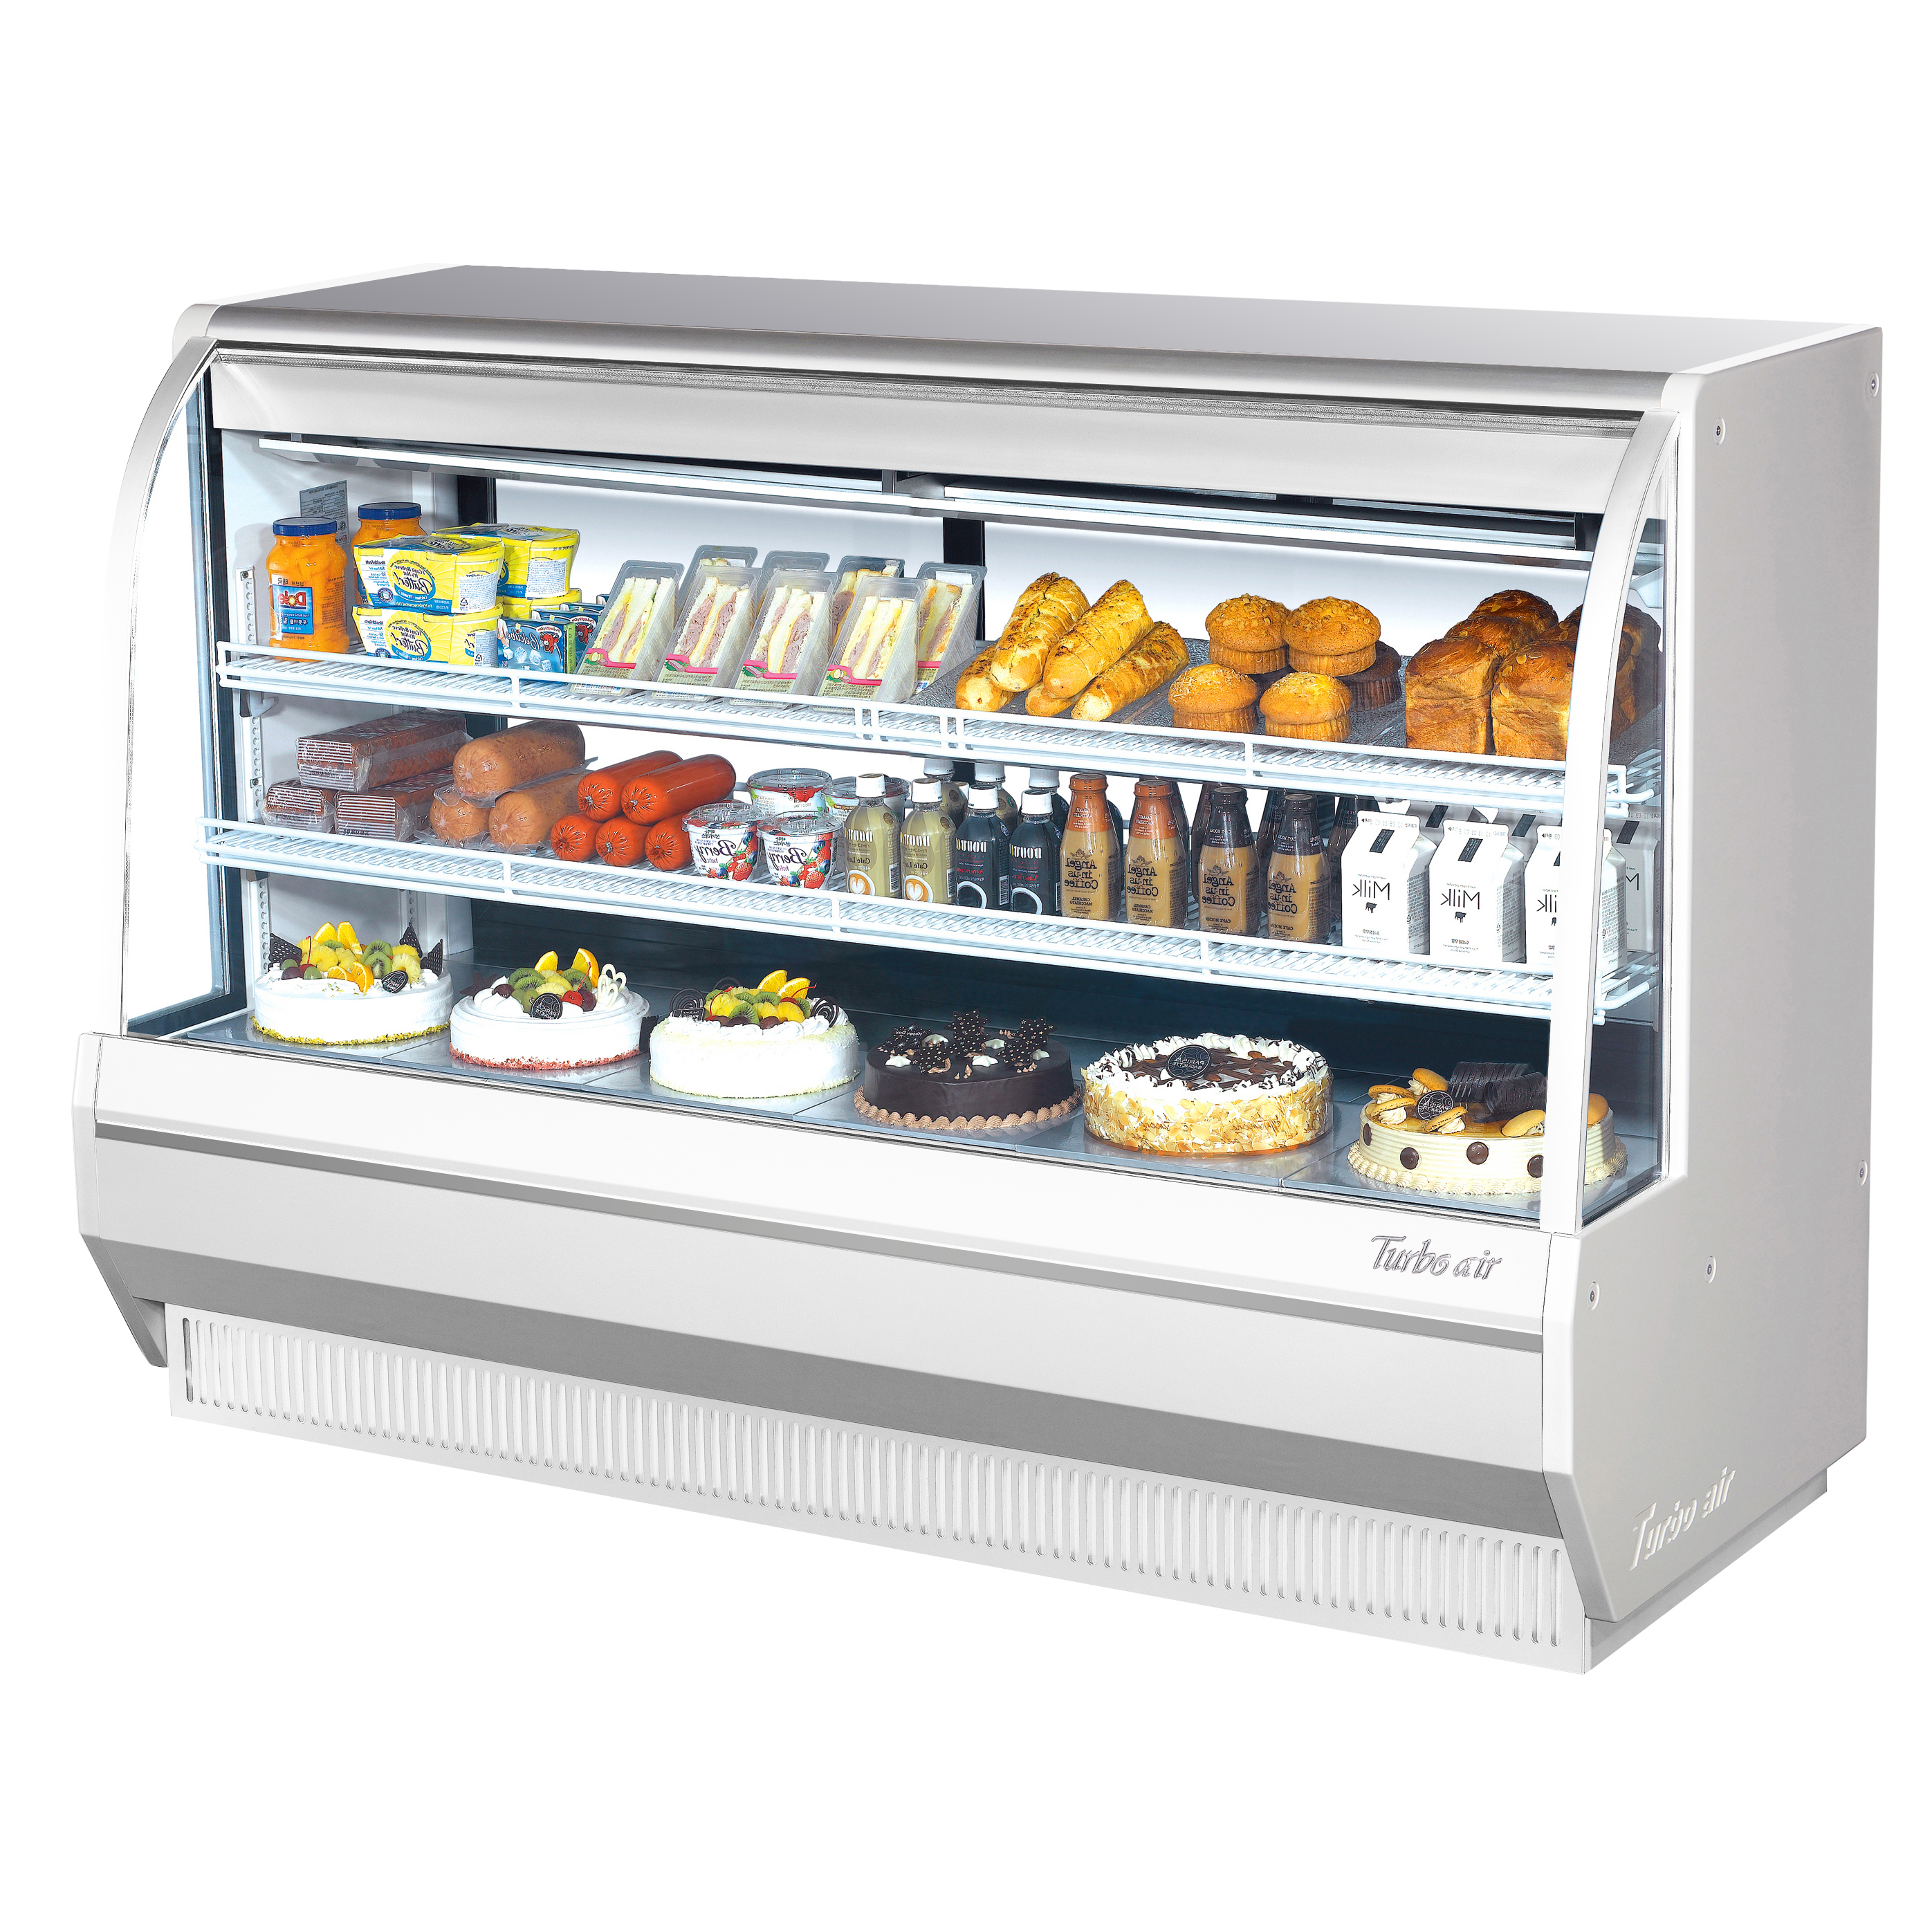 Turbo Air TCDD-72H-W(B)-N display case, refrigerated deli